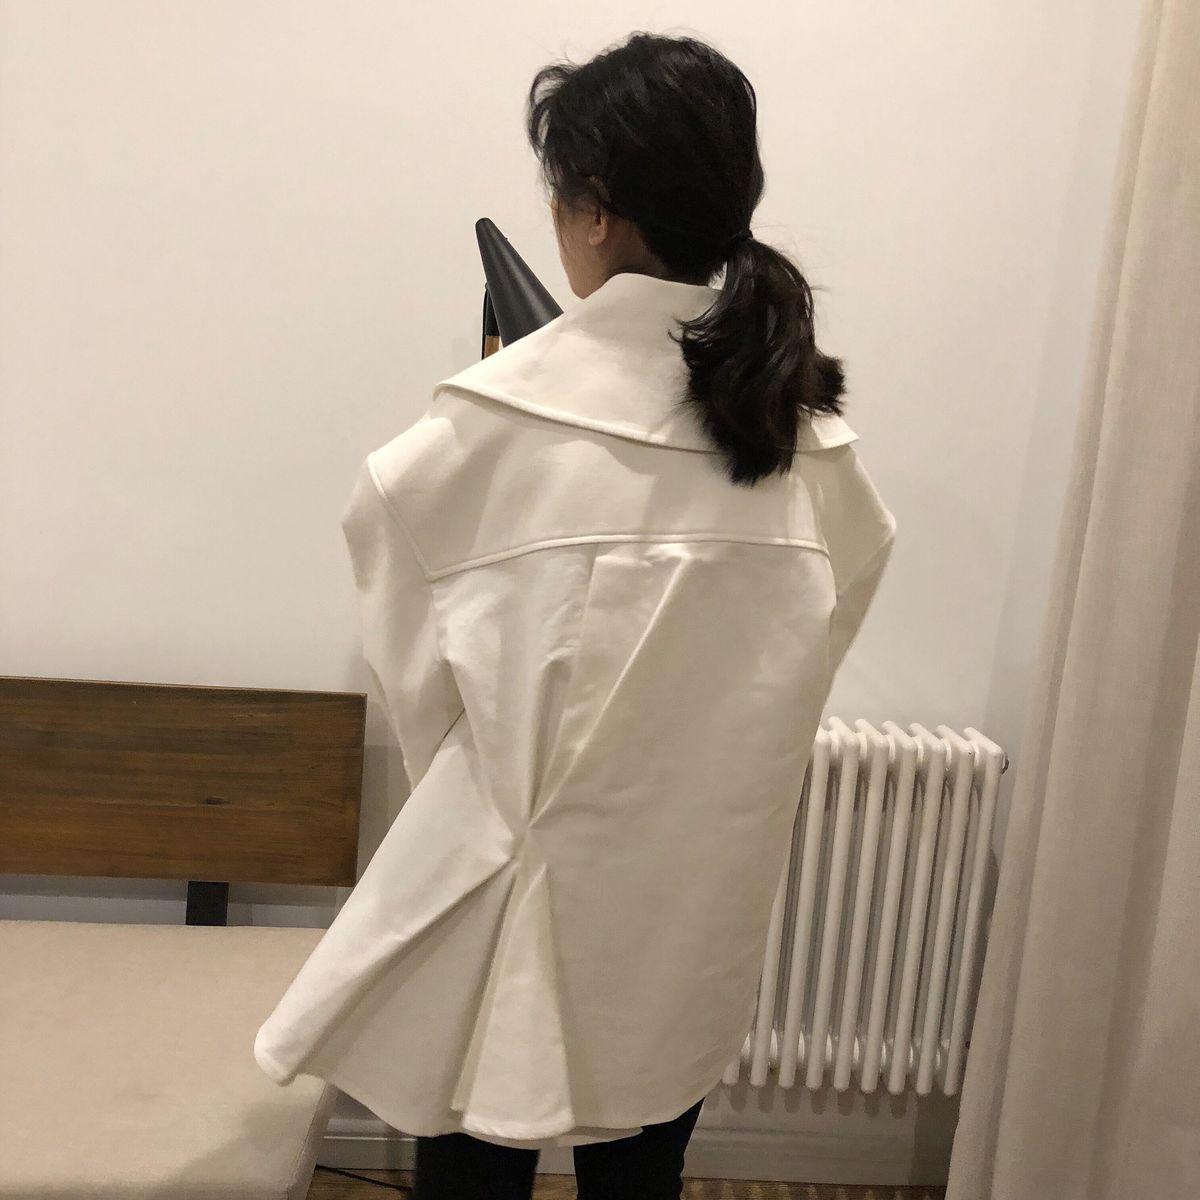 Arrivée Kb423 Manteau Lâche Mode Femmes Automne Poitrine Unique 2018 down Big Collar qlzw White Casual Turn De Fold Poches Nouvelle Lady pwTtgnqH